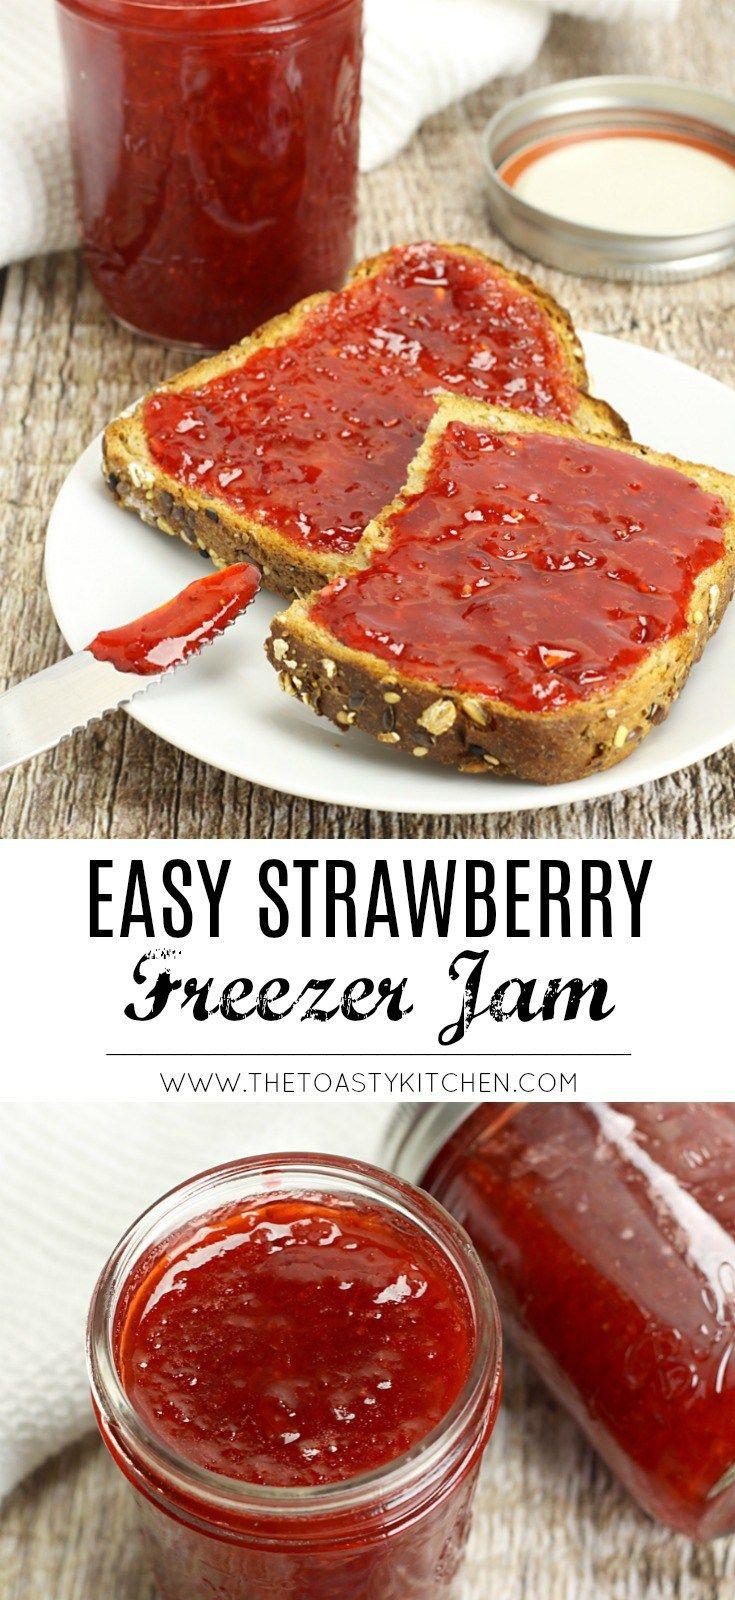 Easy Strawberry Freezer Jam by The Toasty Kitchen #jam #recipe #strawberry #free…